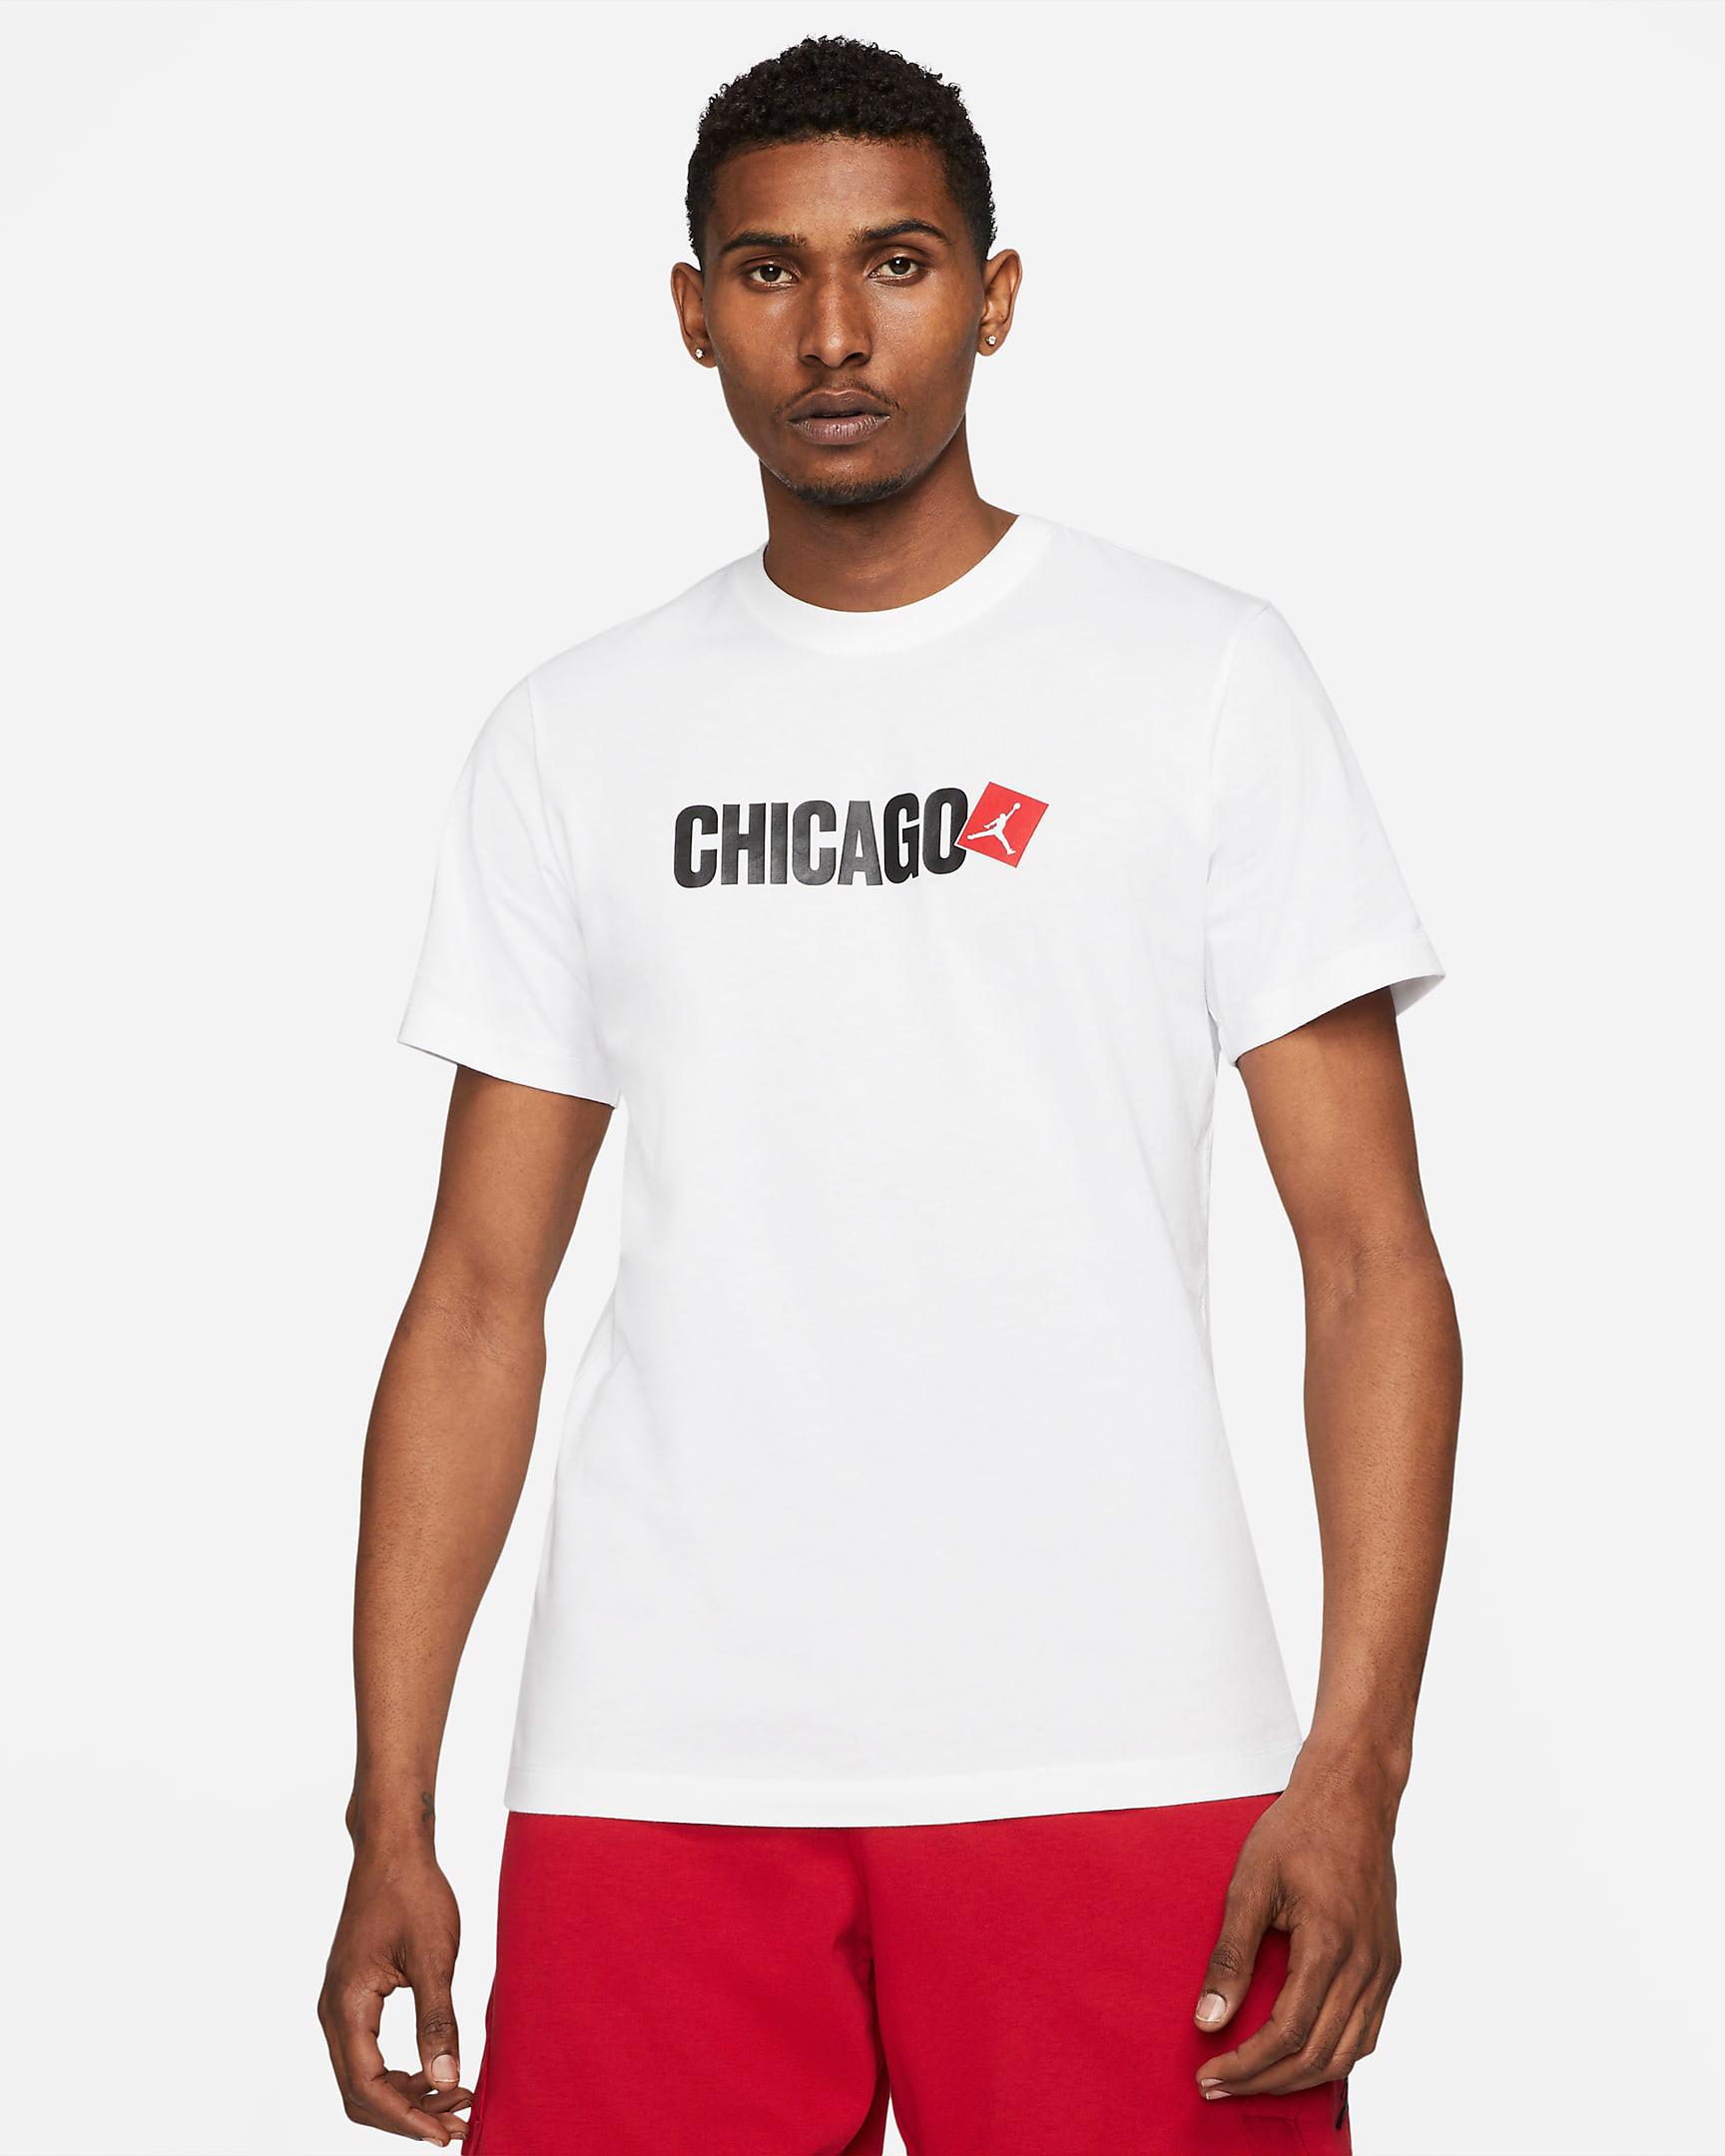 jordan-chicago-shirt-white-2